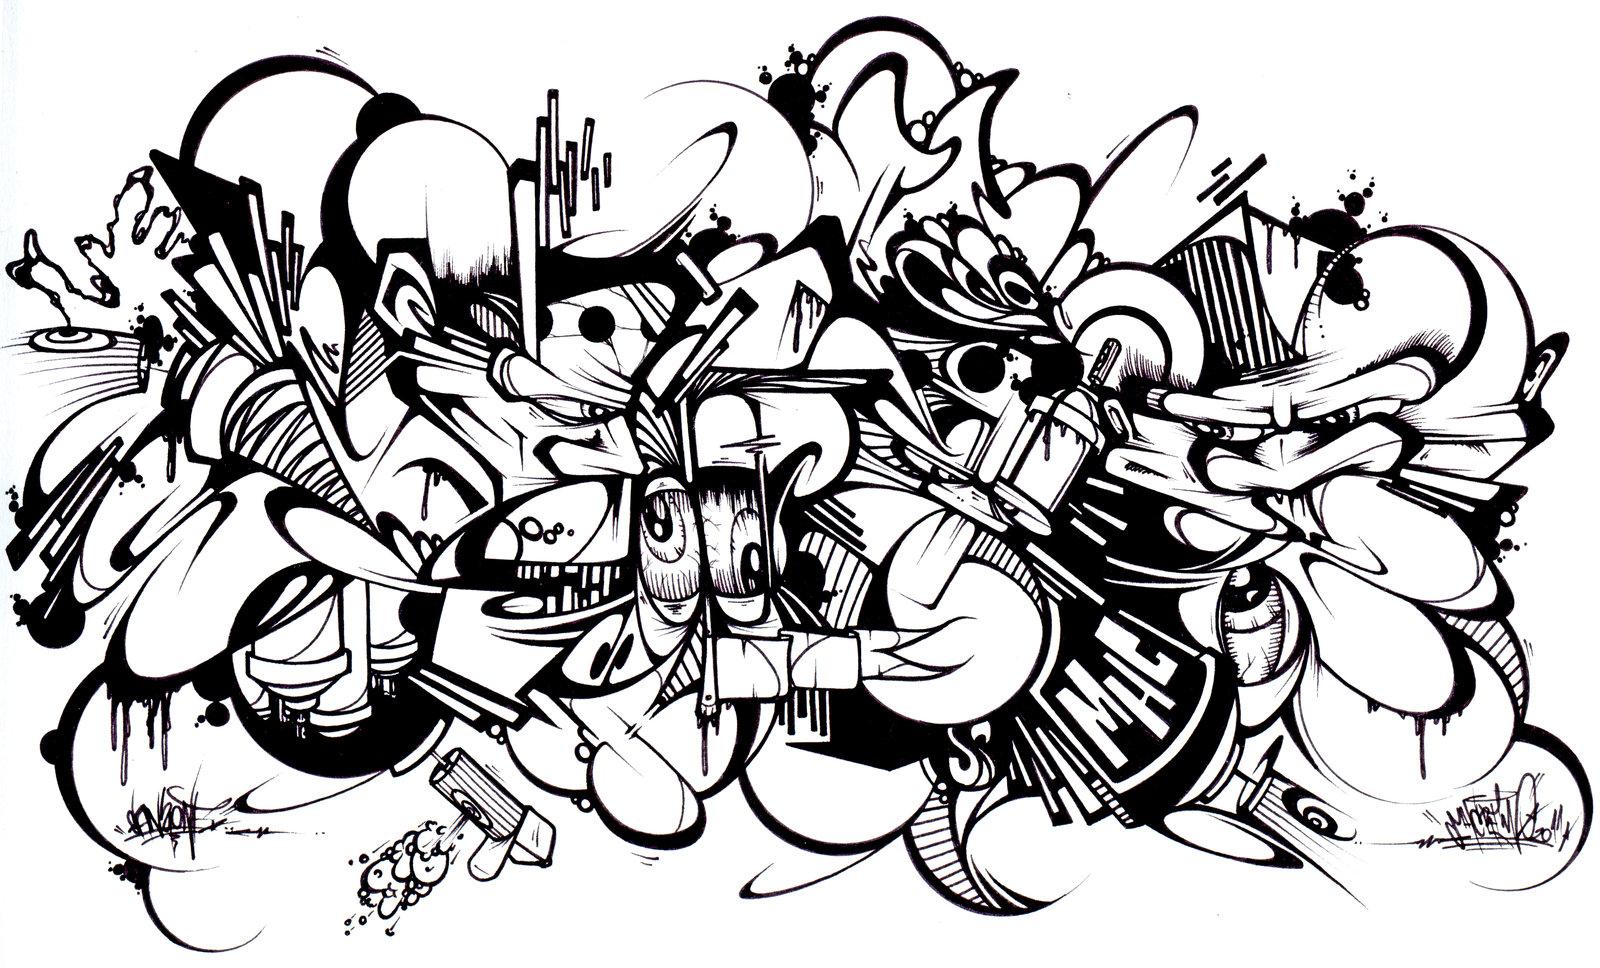 Graffiti Plus Punctuation The BLACKBOOK